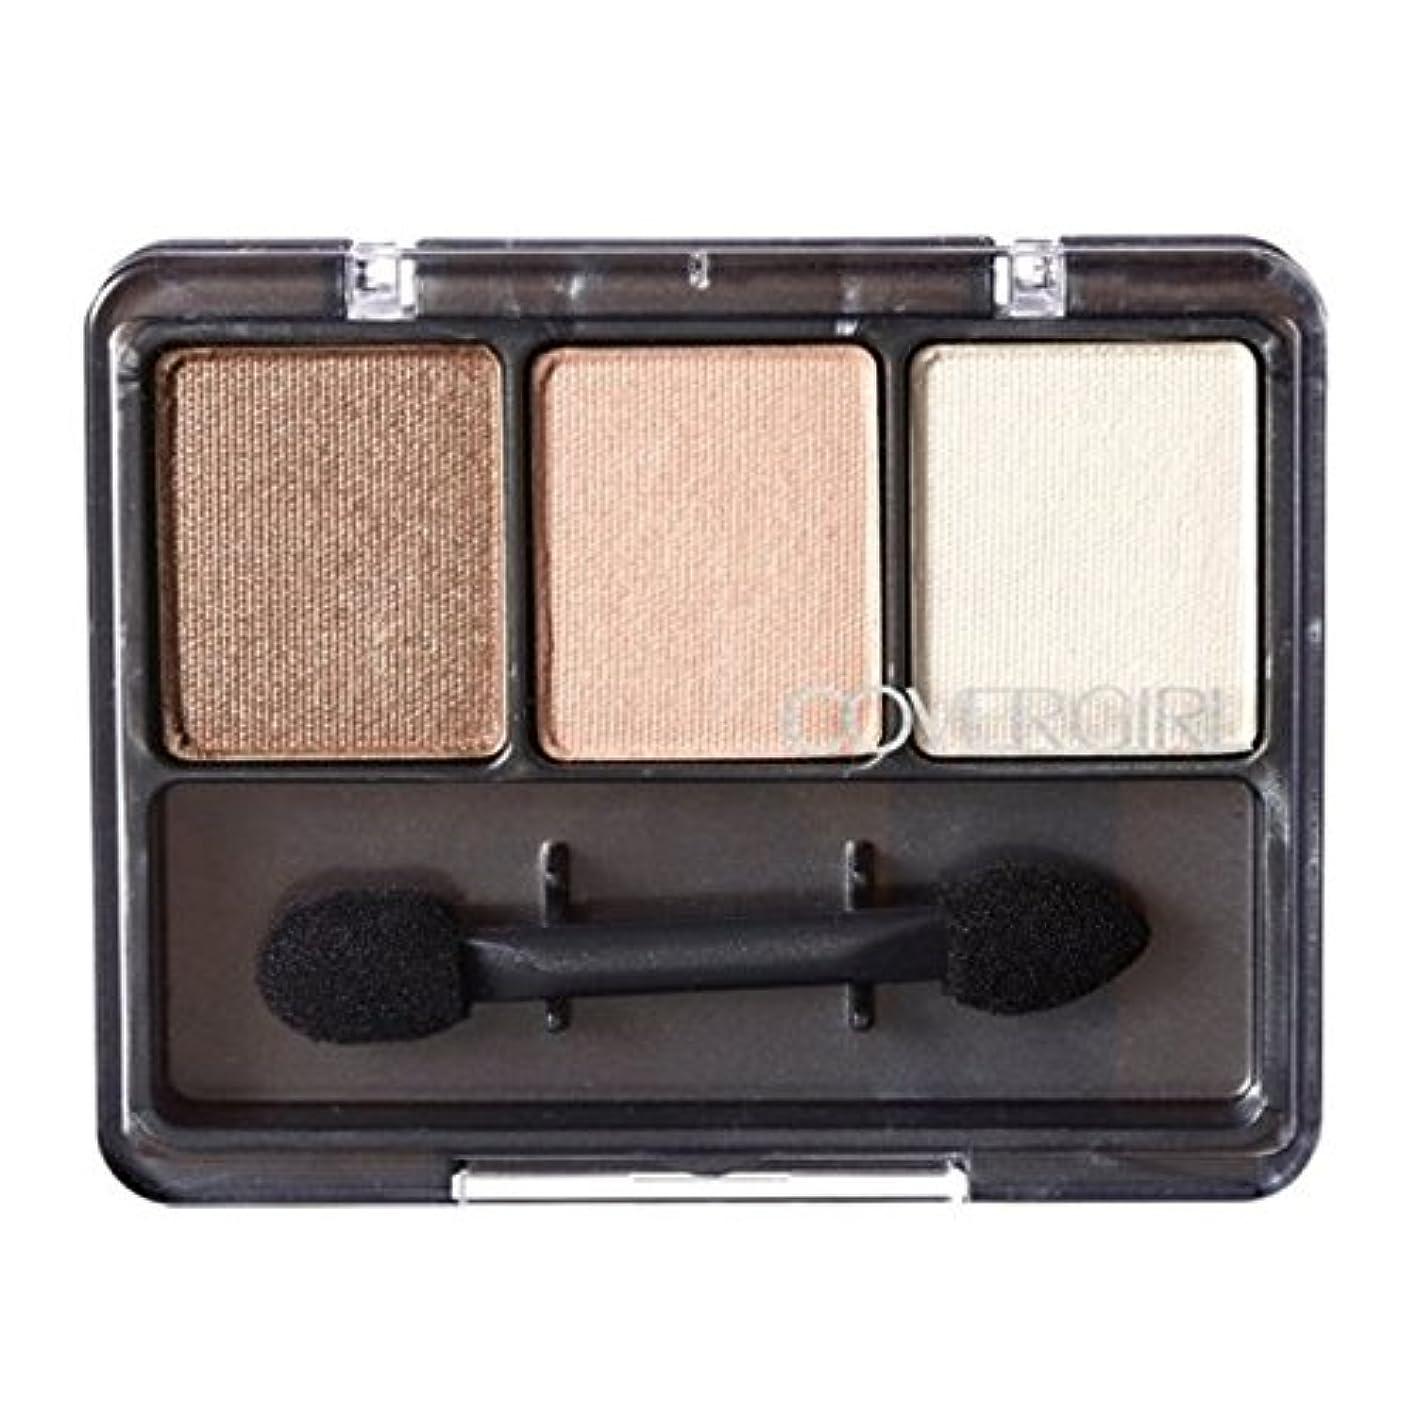 教育者建築急いで(3 Pack) COVERGIRL Eye Enhancers 3-Kit Shadows - Cafe Au Lait 105 (並行輸入品)